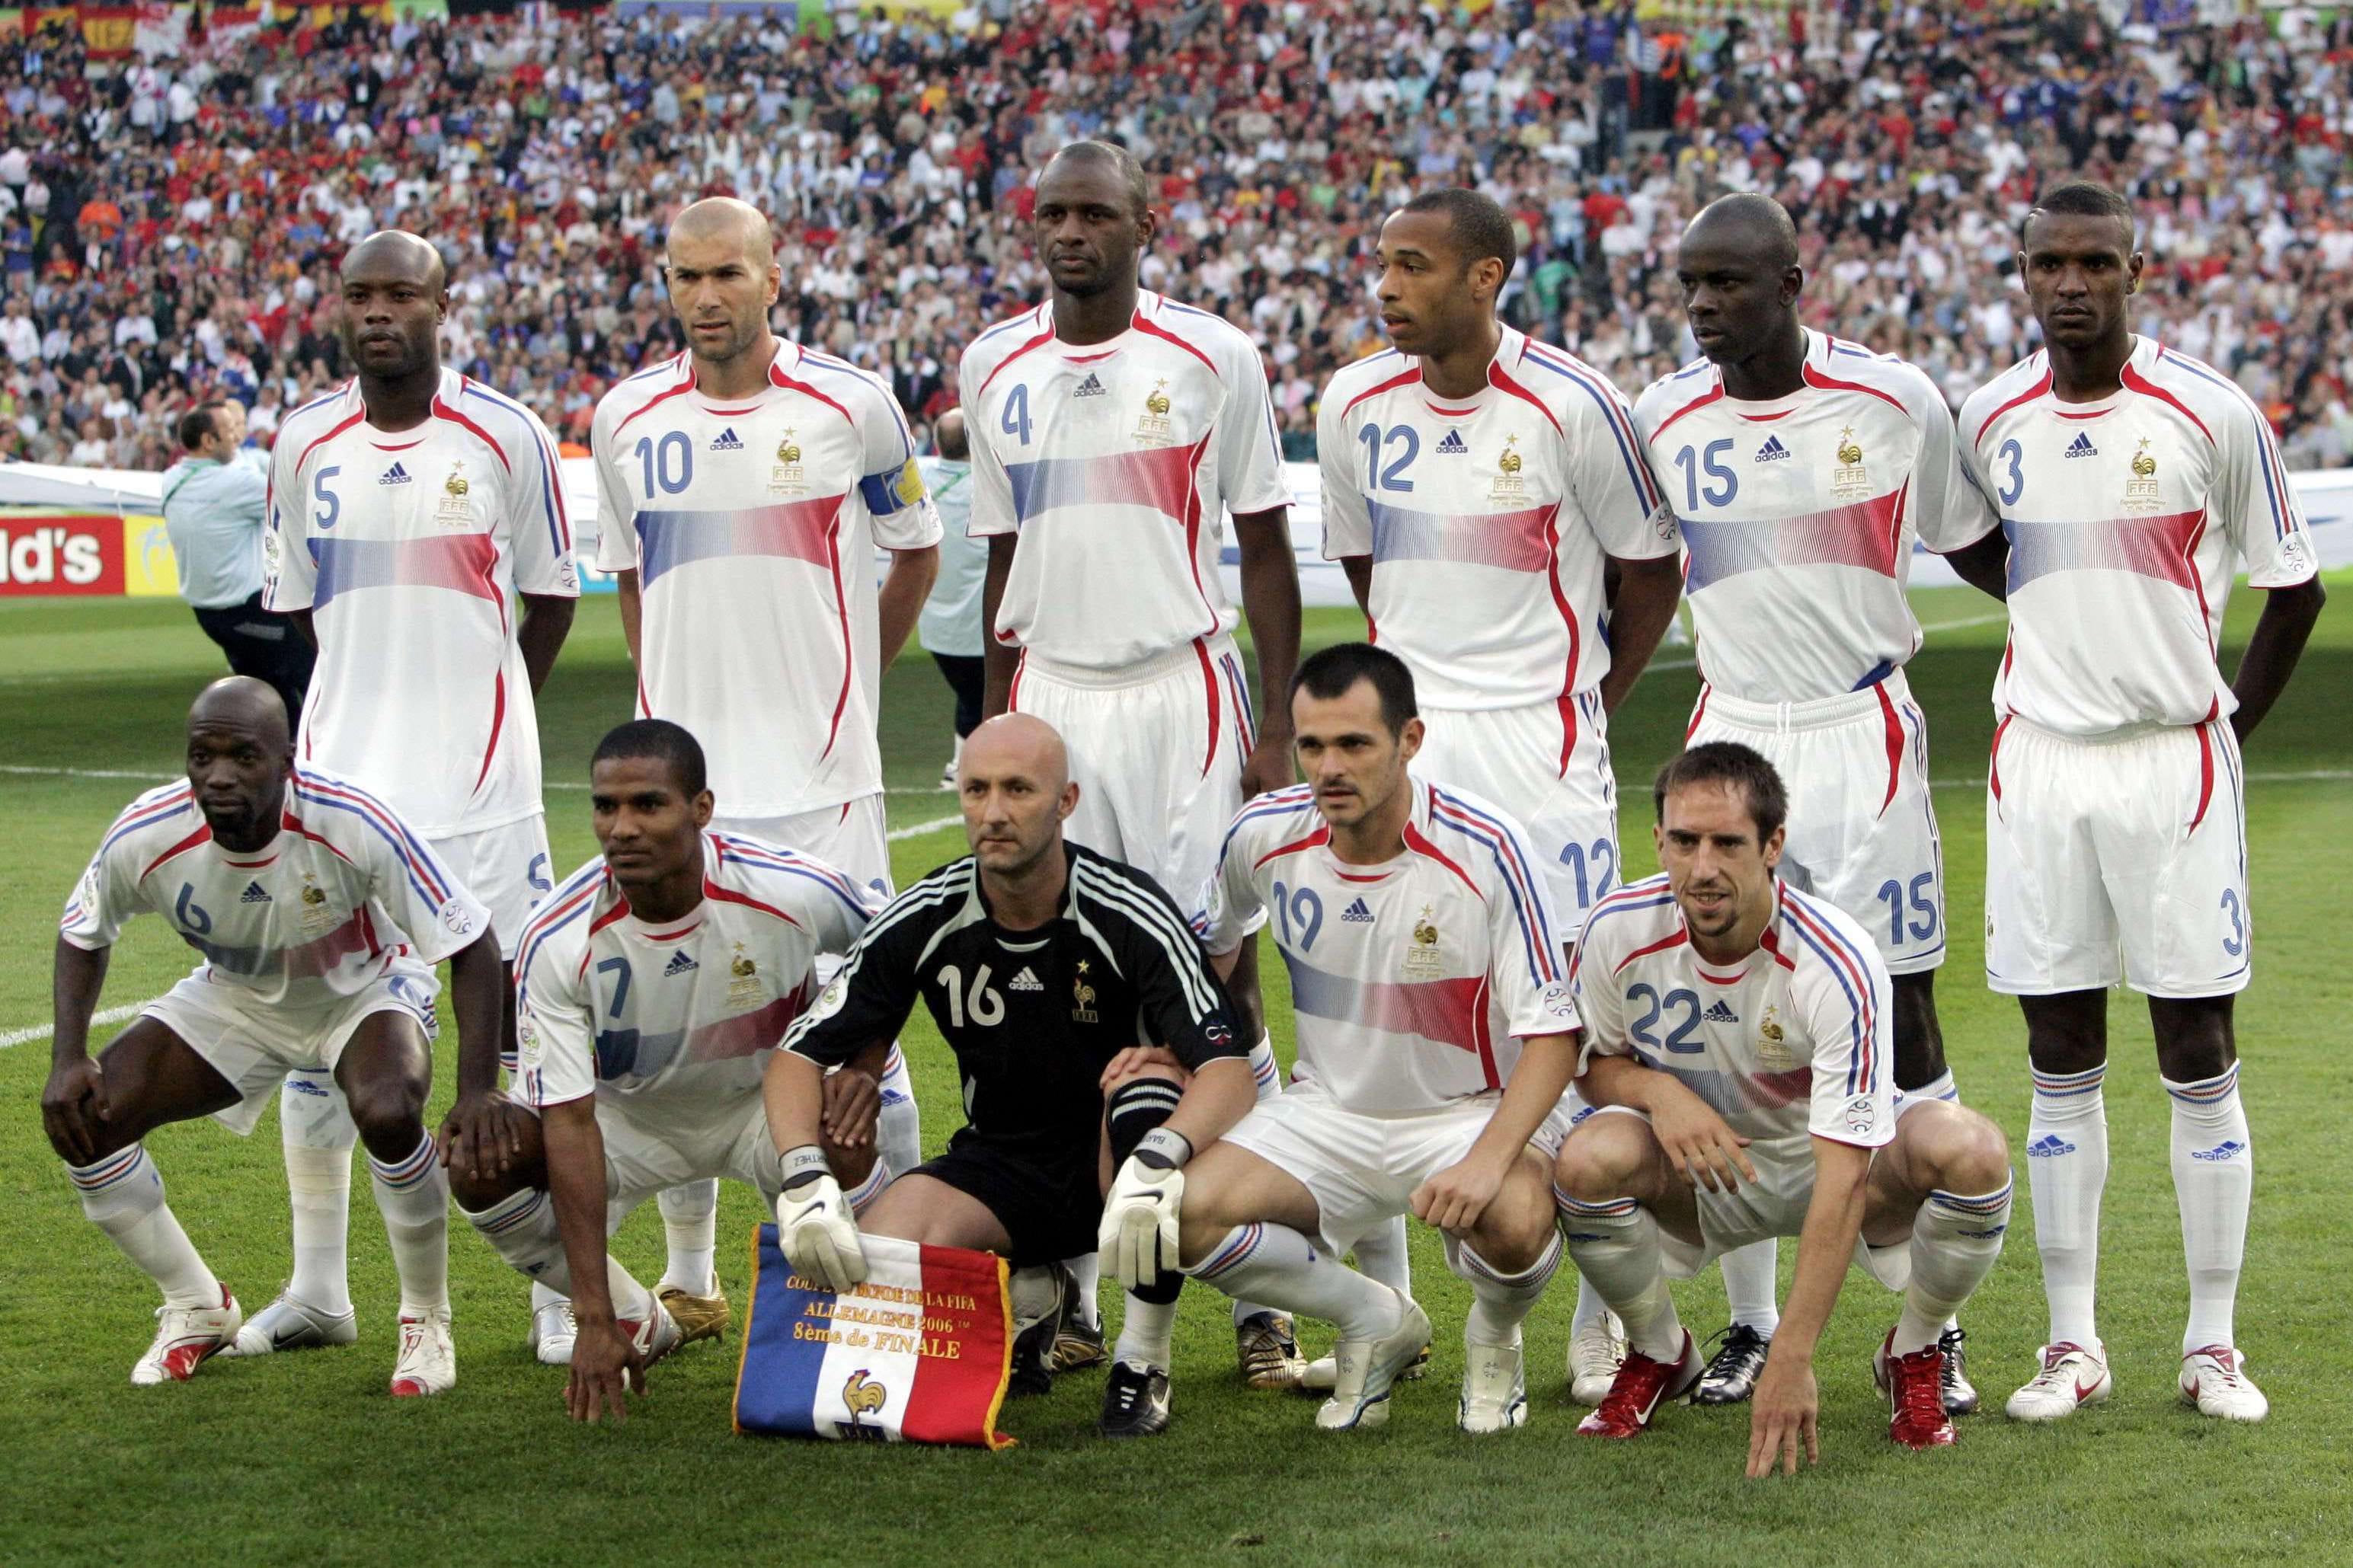 Des bleus revenus de loin - Coupe du monde de foot 2006 ...